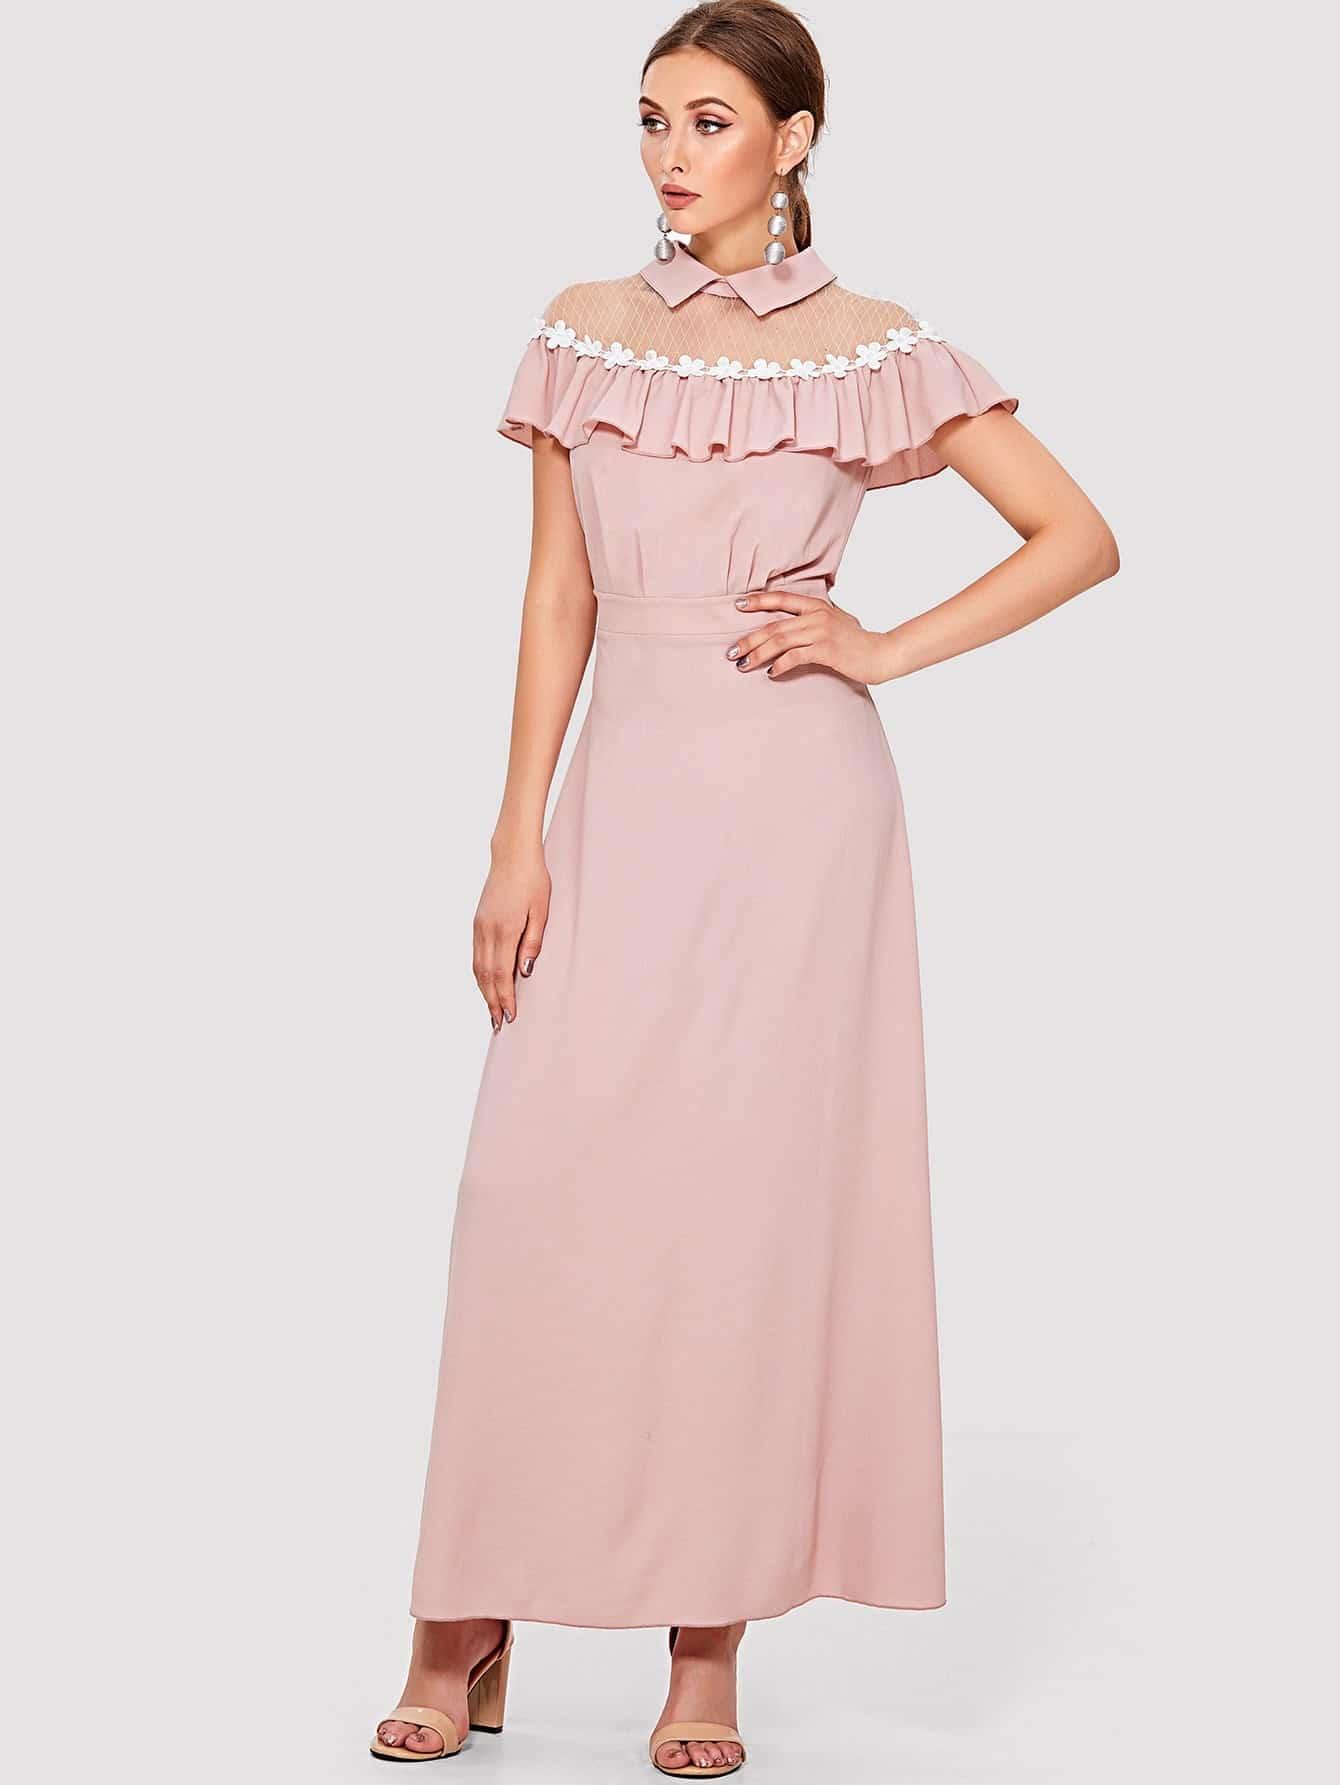 Applique Mesh Shoulder Ruffle Embellished Dress one shoulder ruffle embellished dress